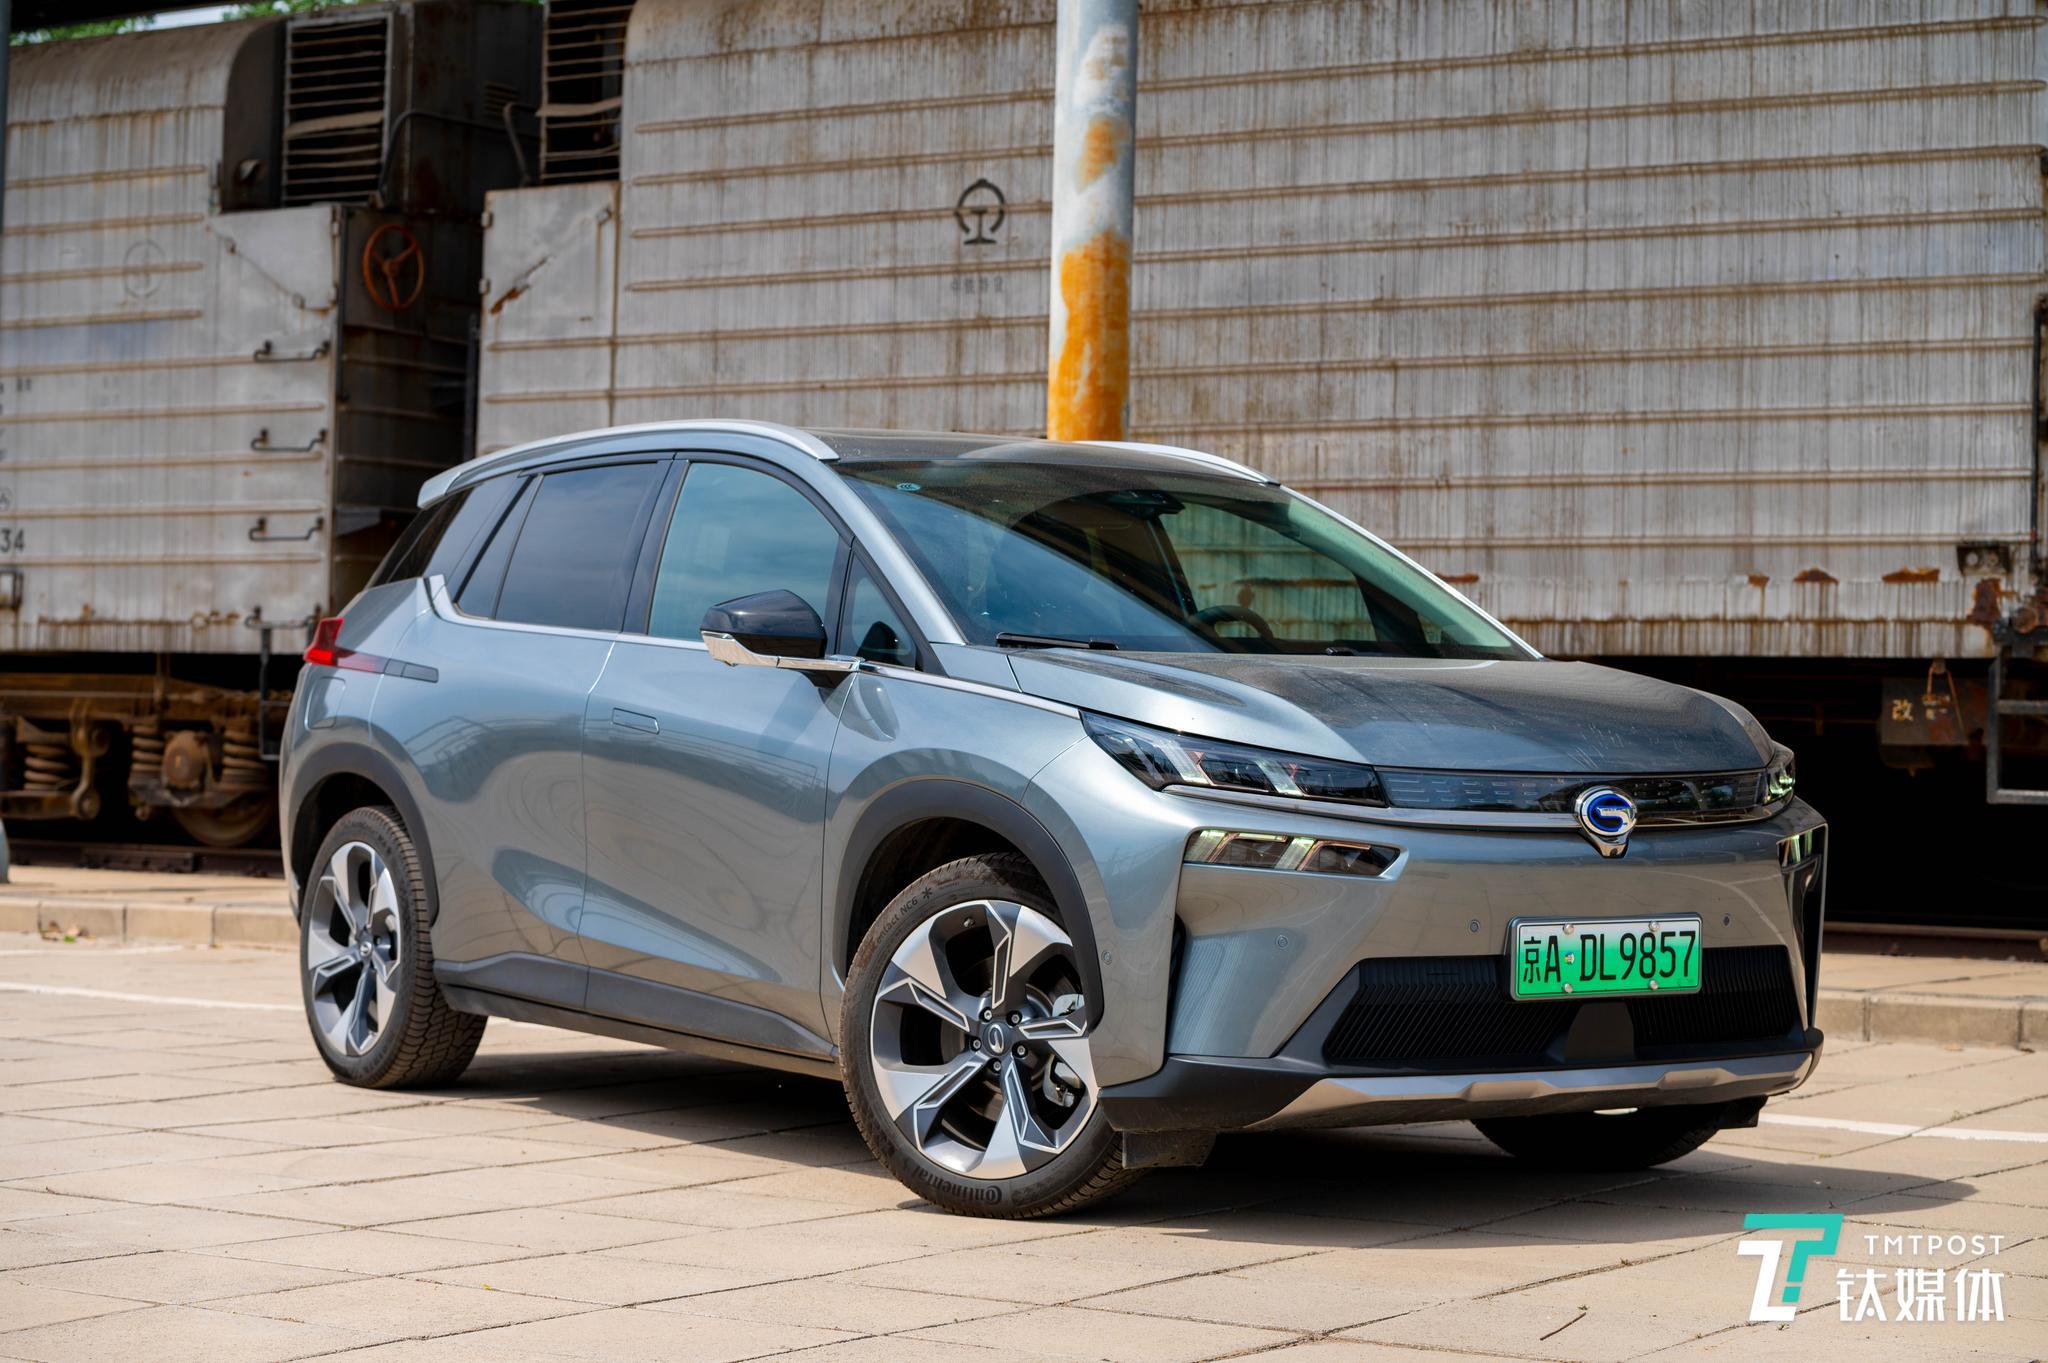 广汽Aion V试驾,这是智能化SUV该有的样子 | 钛极客